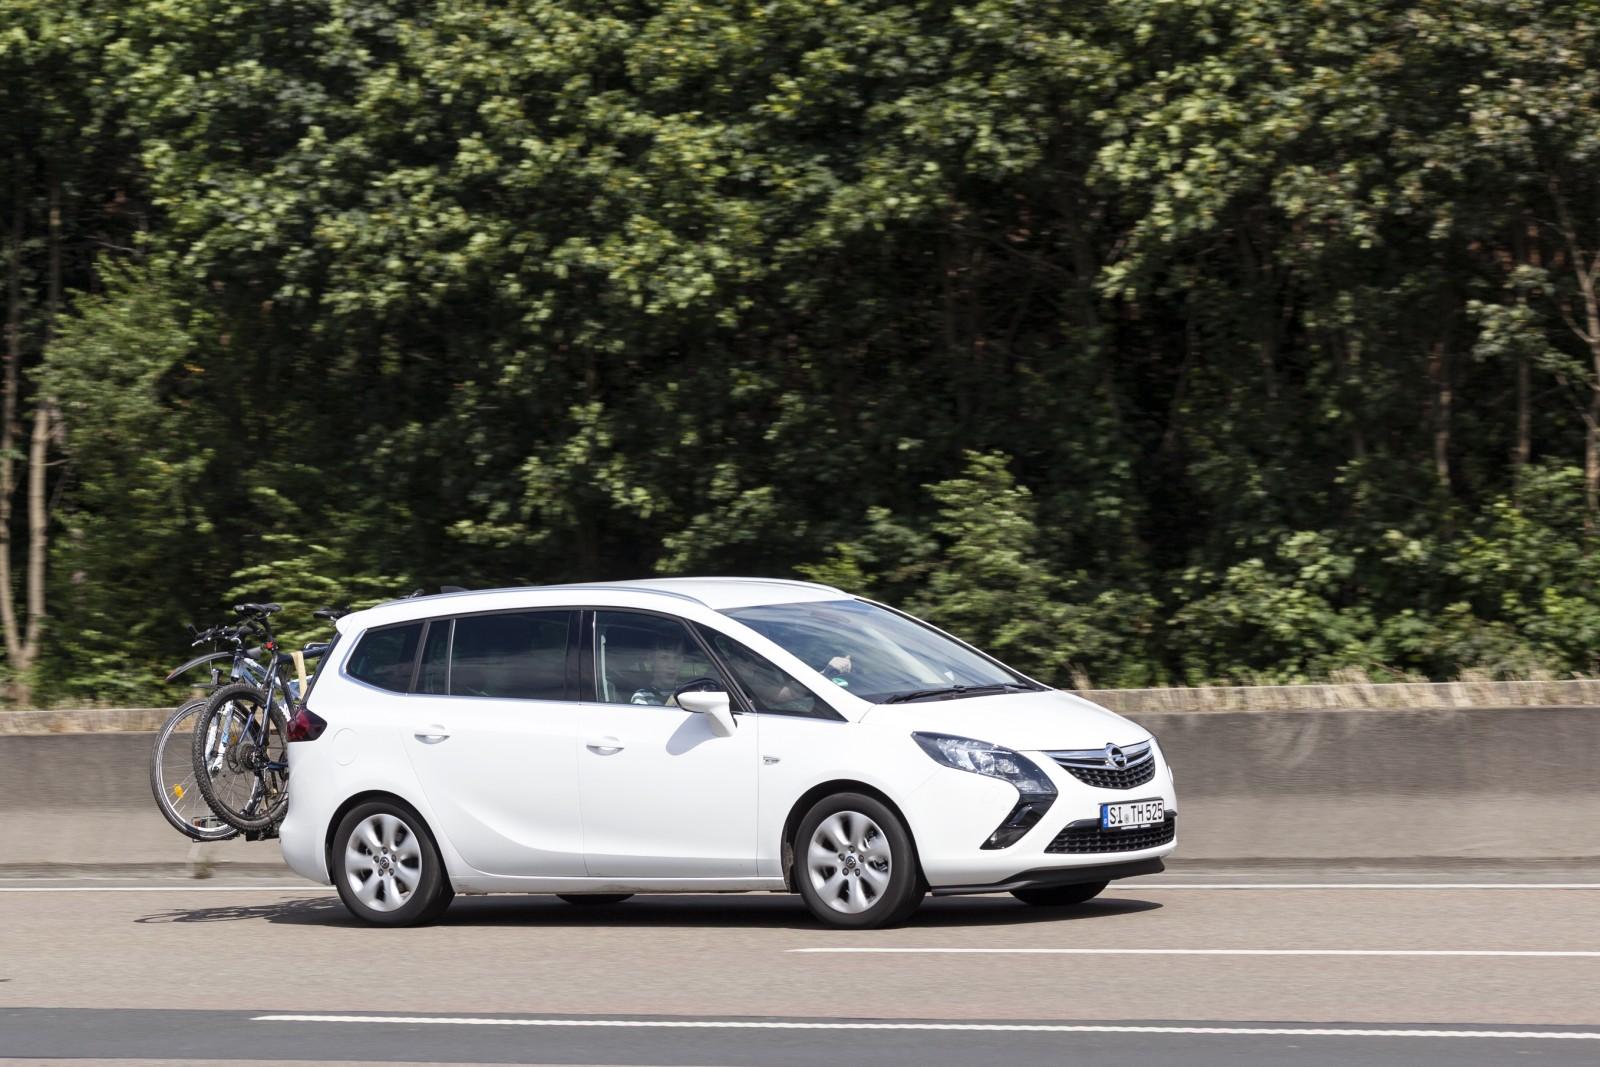 Opel Zafira Compact MPV